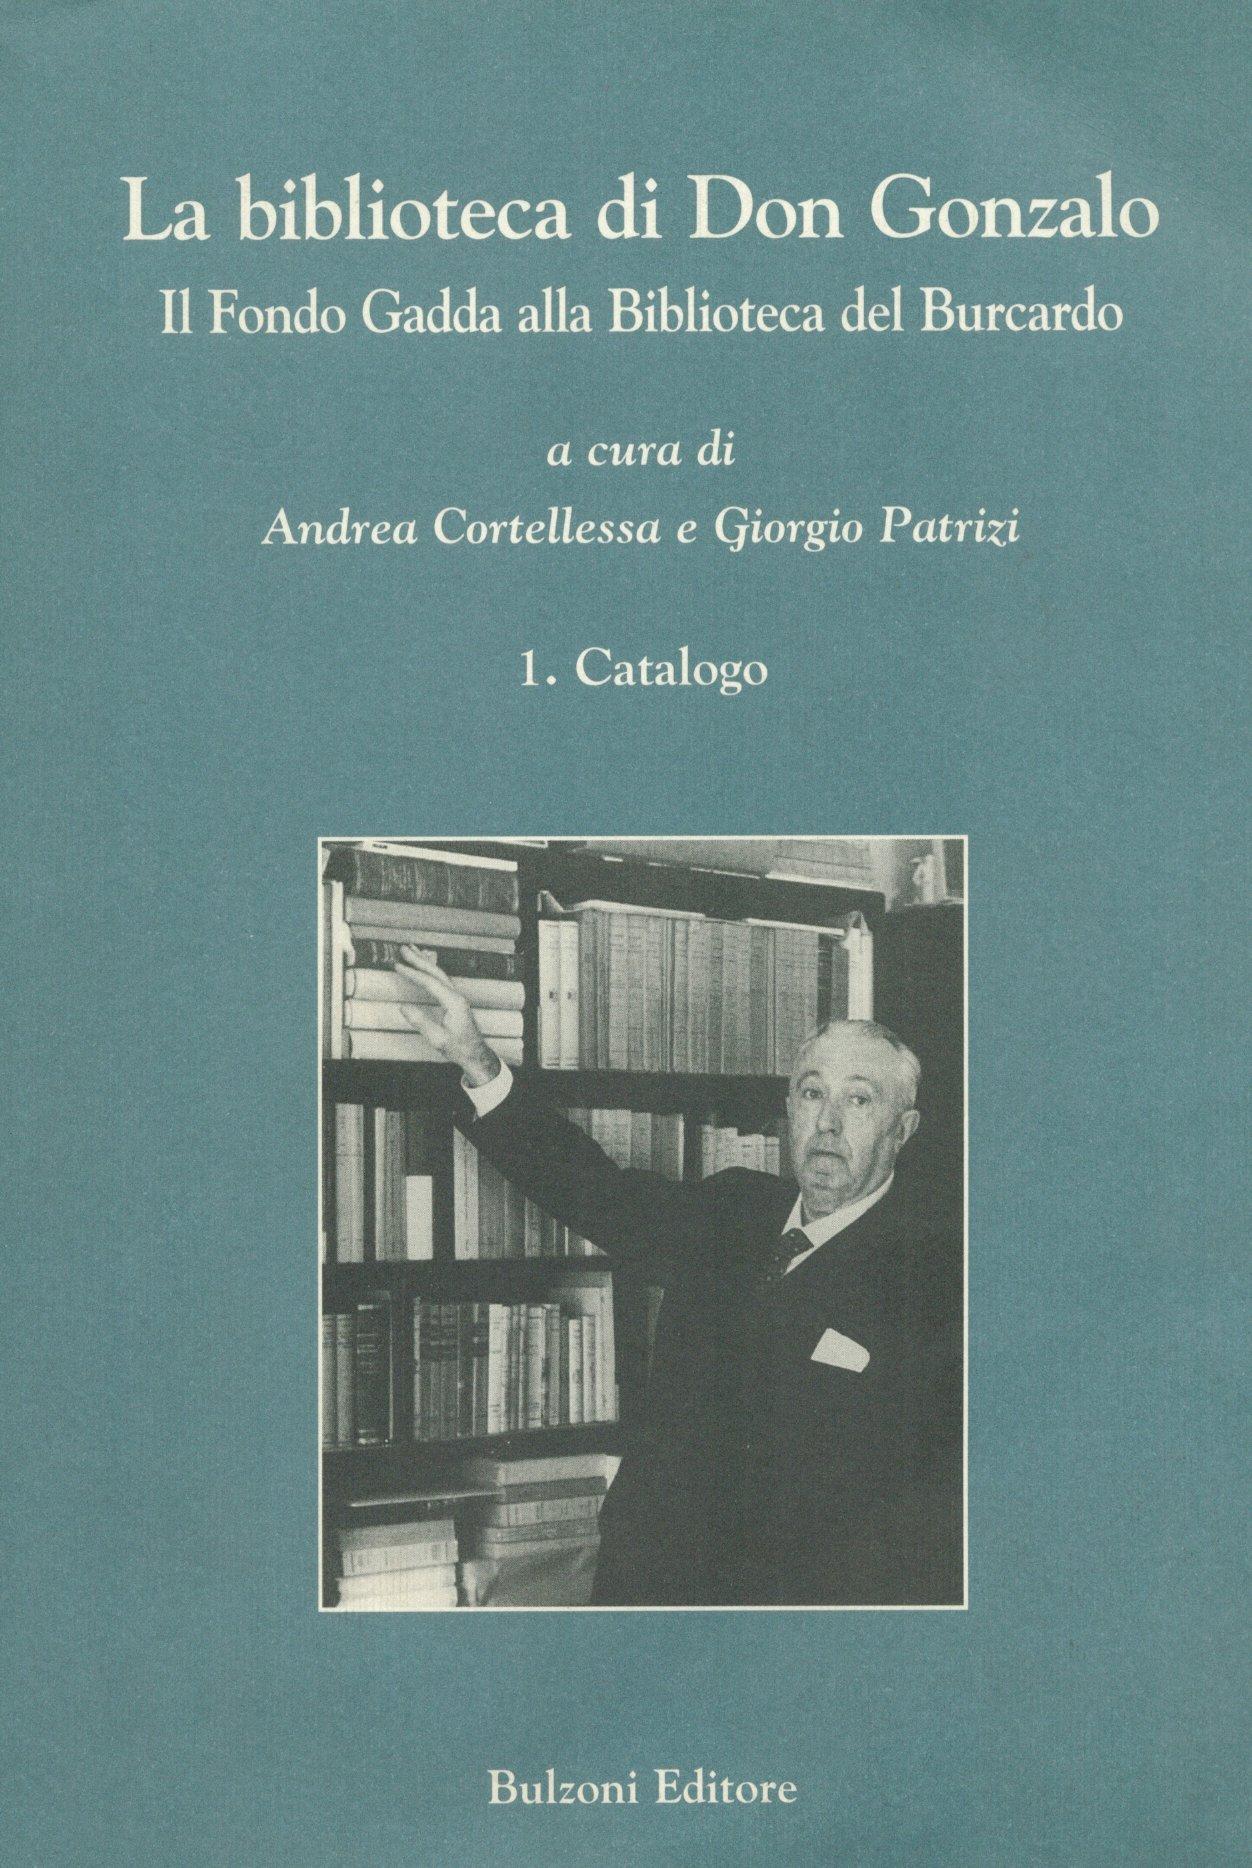 La biblioteca di don Gonzalo